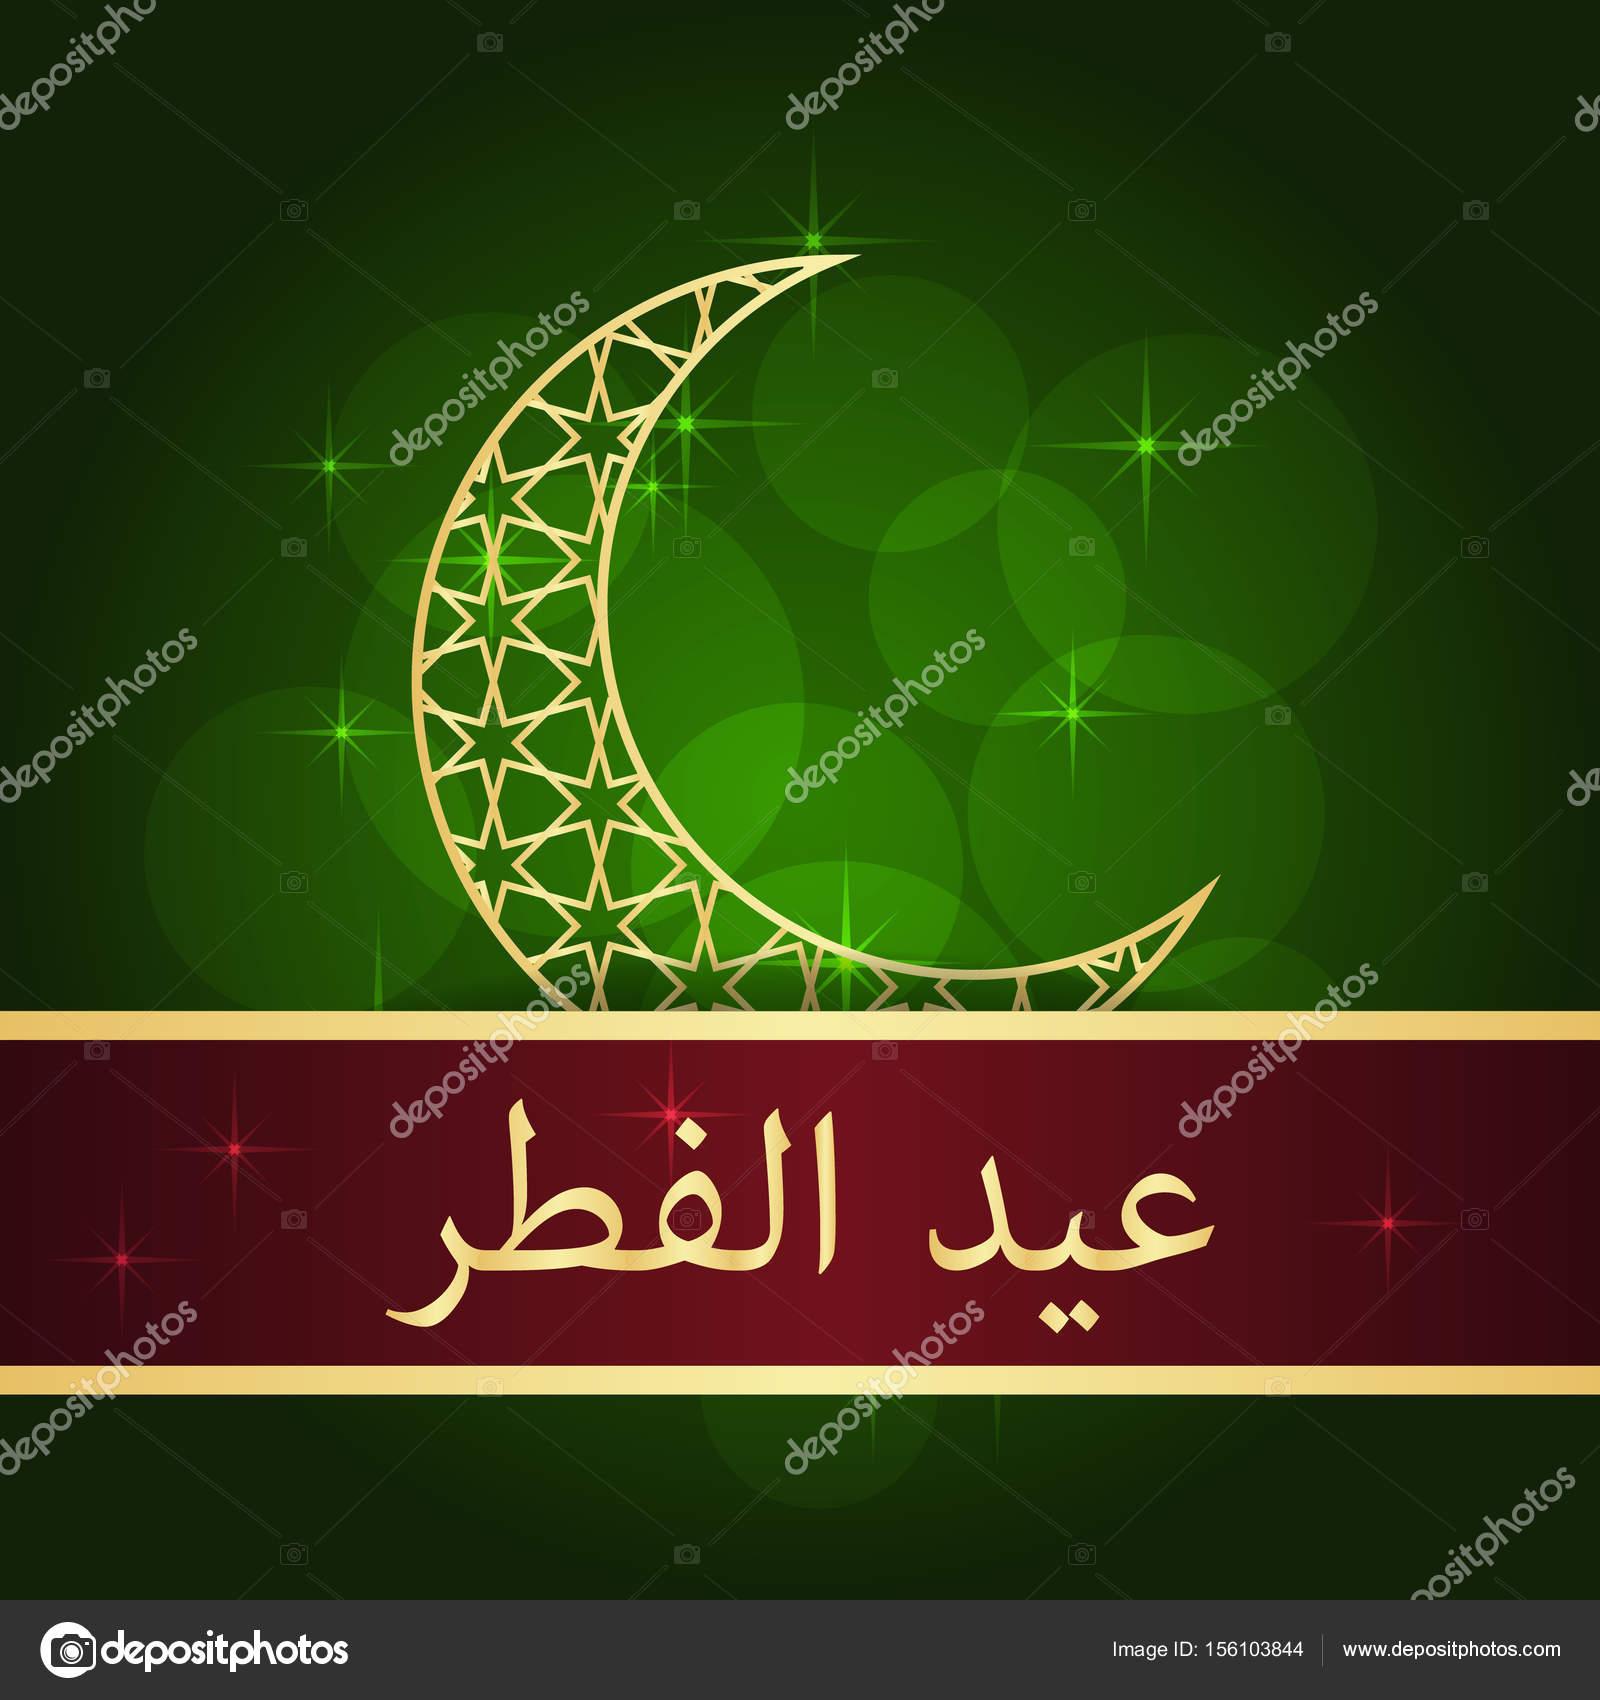 Wonderful Idd Eid Al-Fitr Greeting - depositphotos_156103844-stock-illustration-eid-al-fitr-greeting-card  You Should Have_937848 .jpg